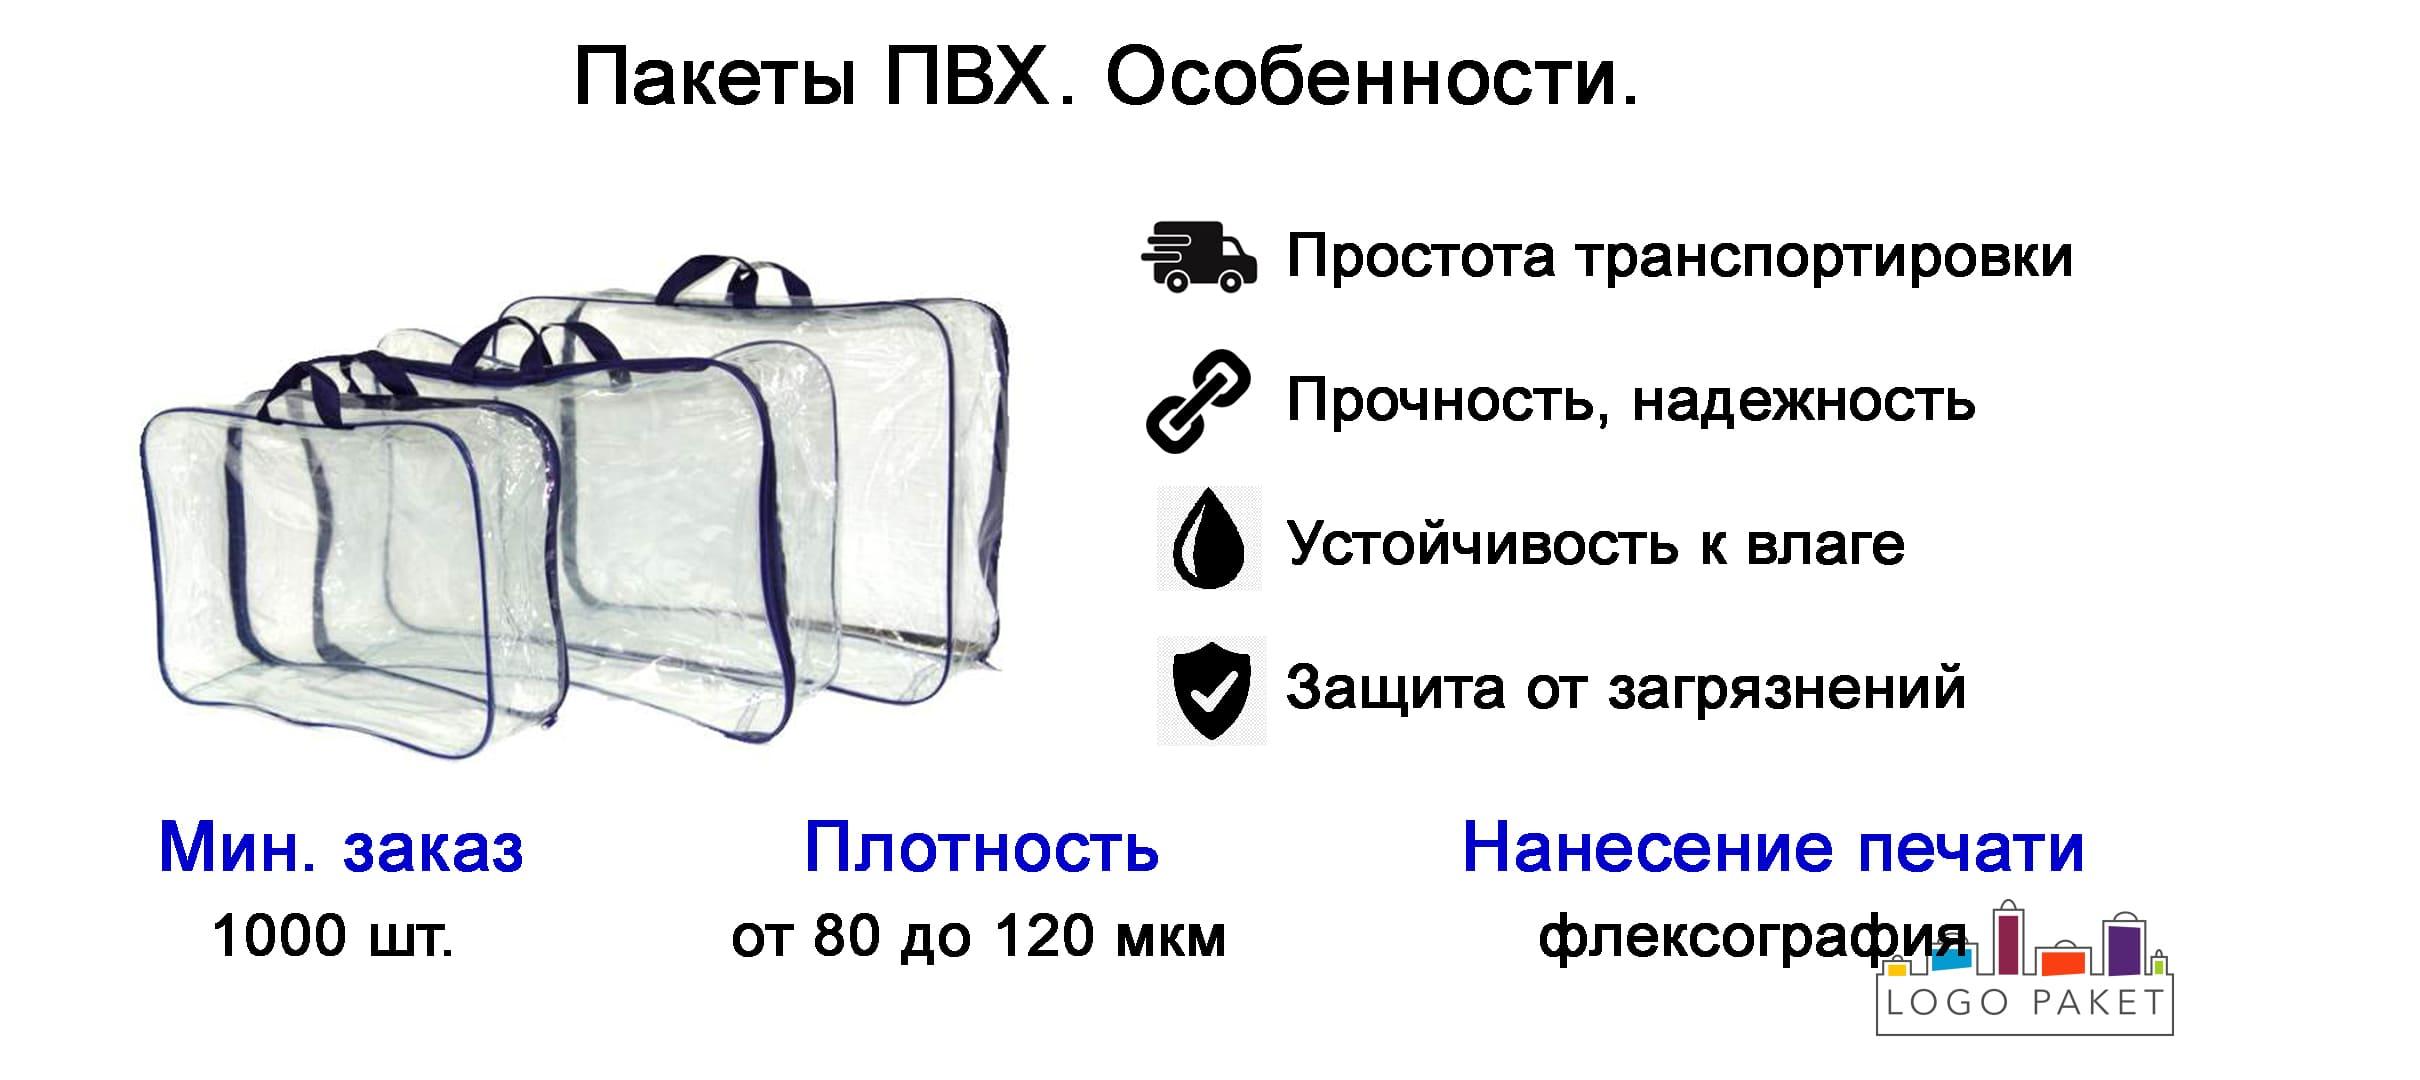 Пакеты ПВХ инфографика